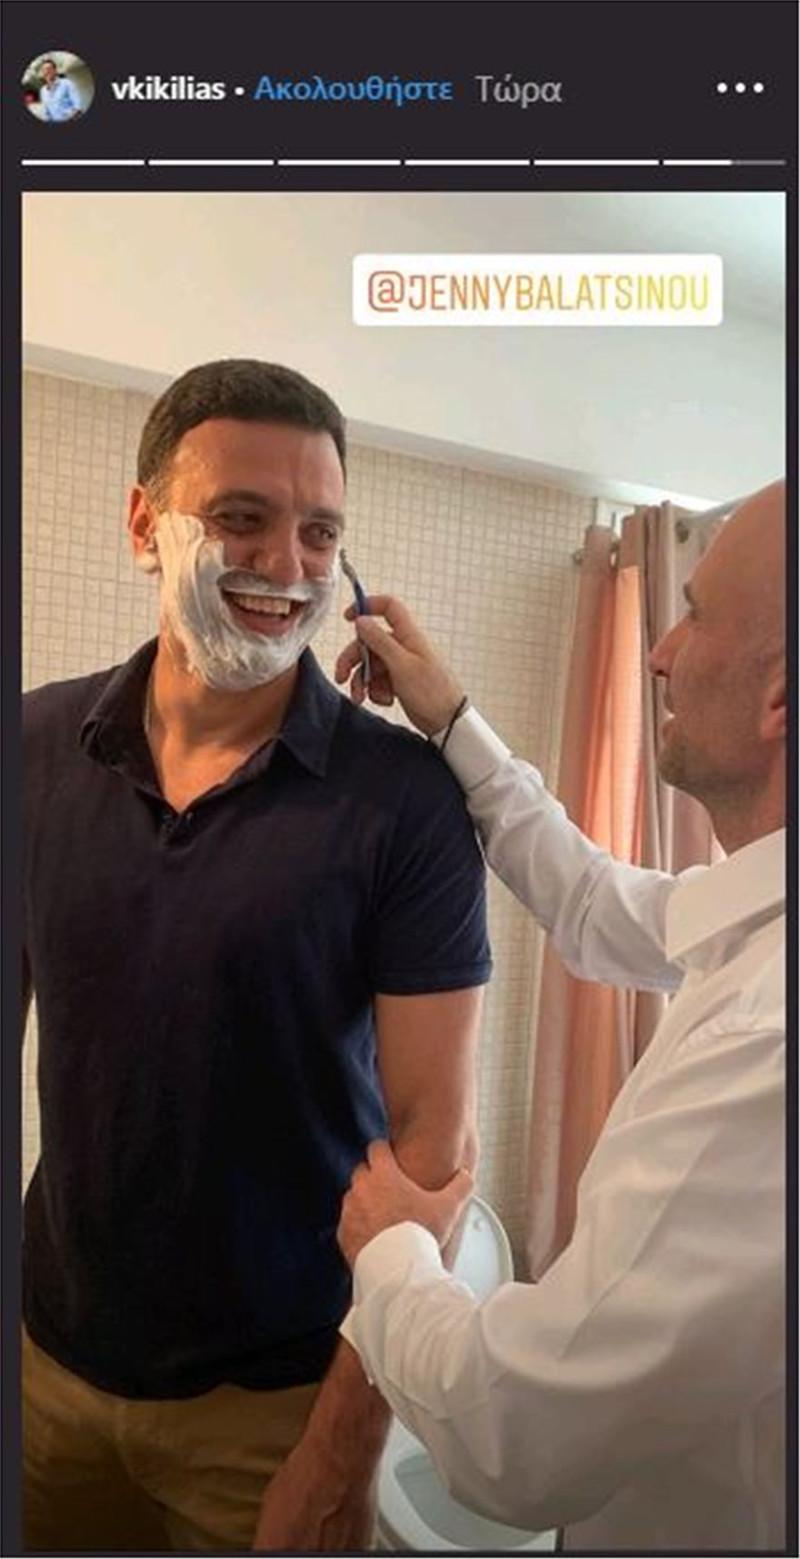 Ο Βασίλης Κικίλιας ξυρίζεται λίγο πριν ντυθεί γαμπρός